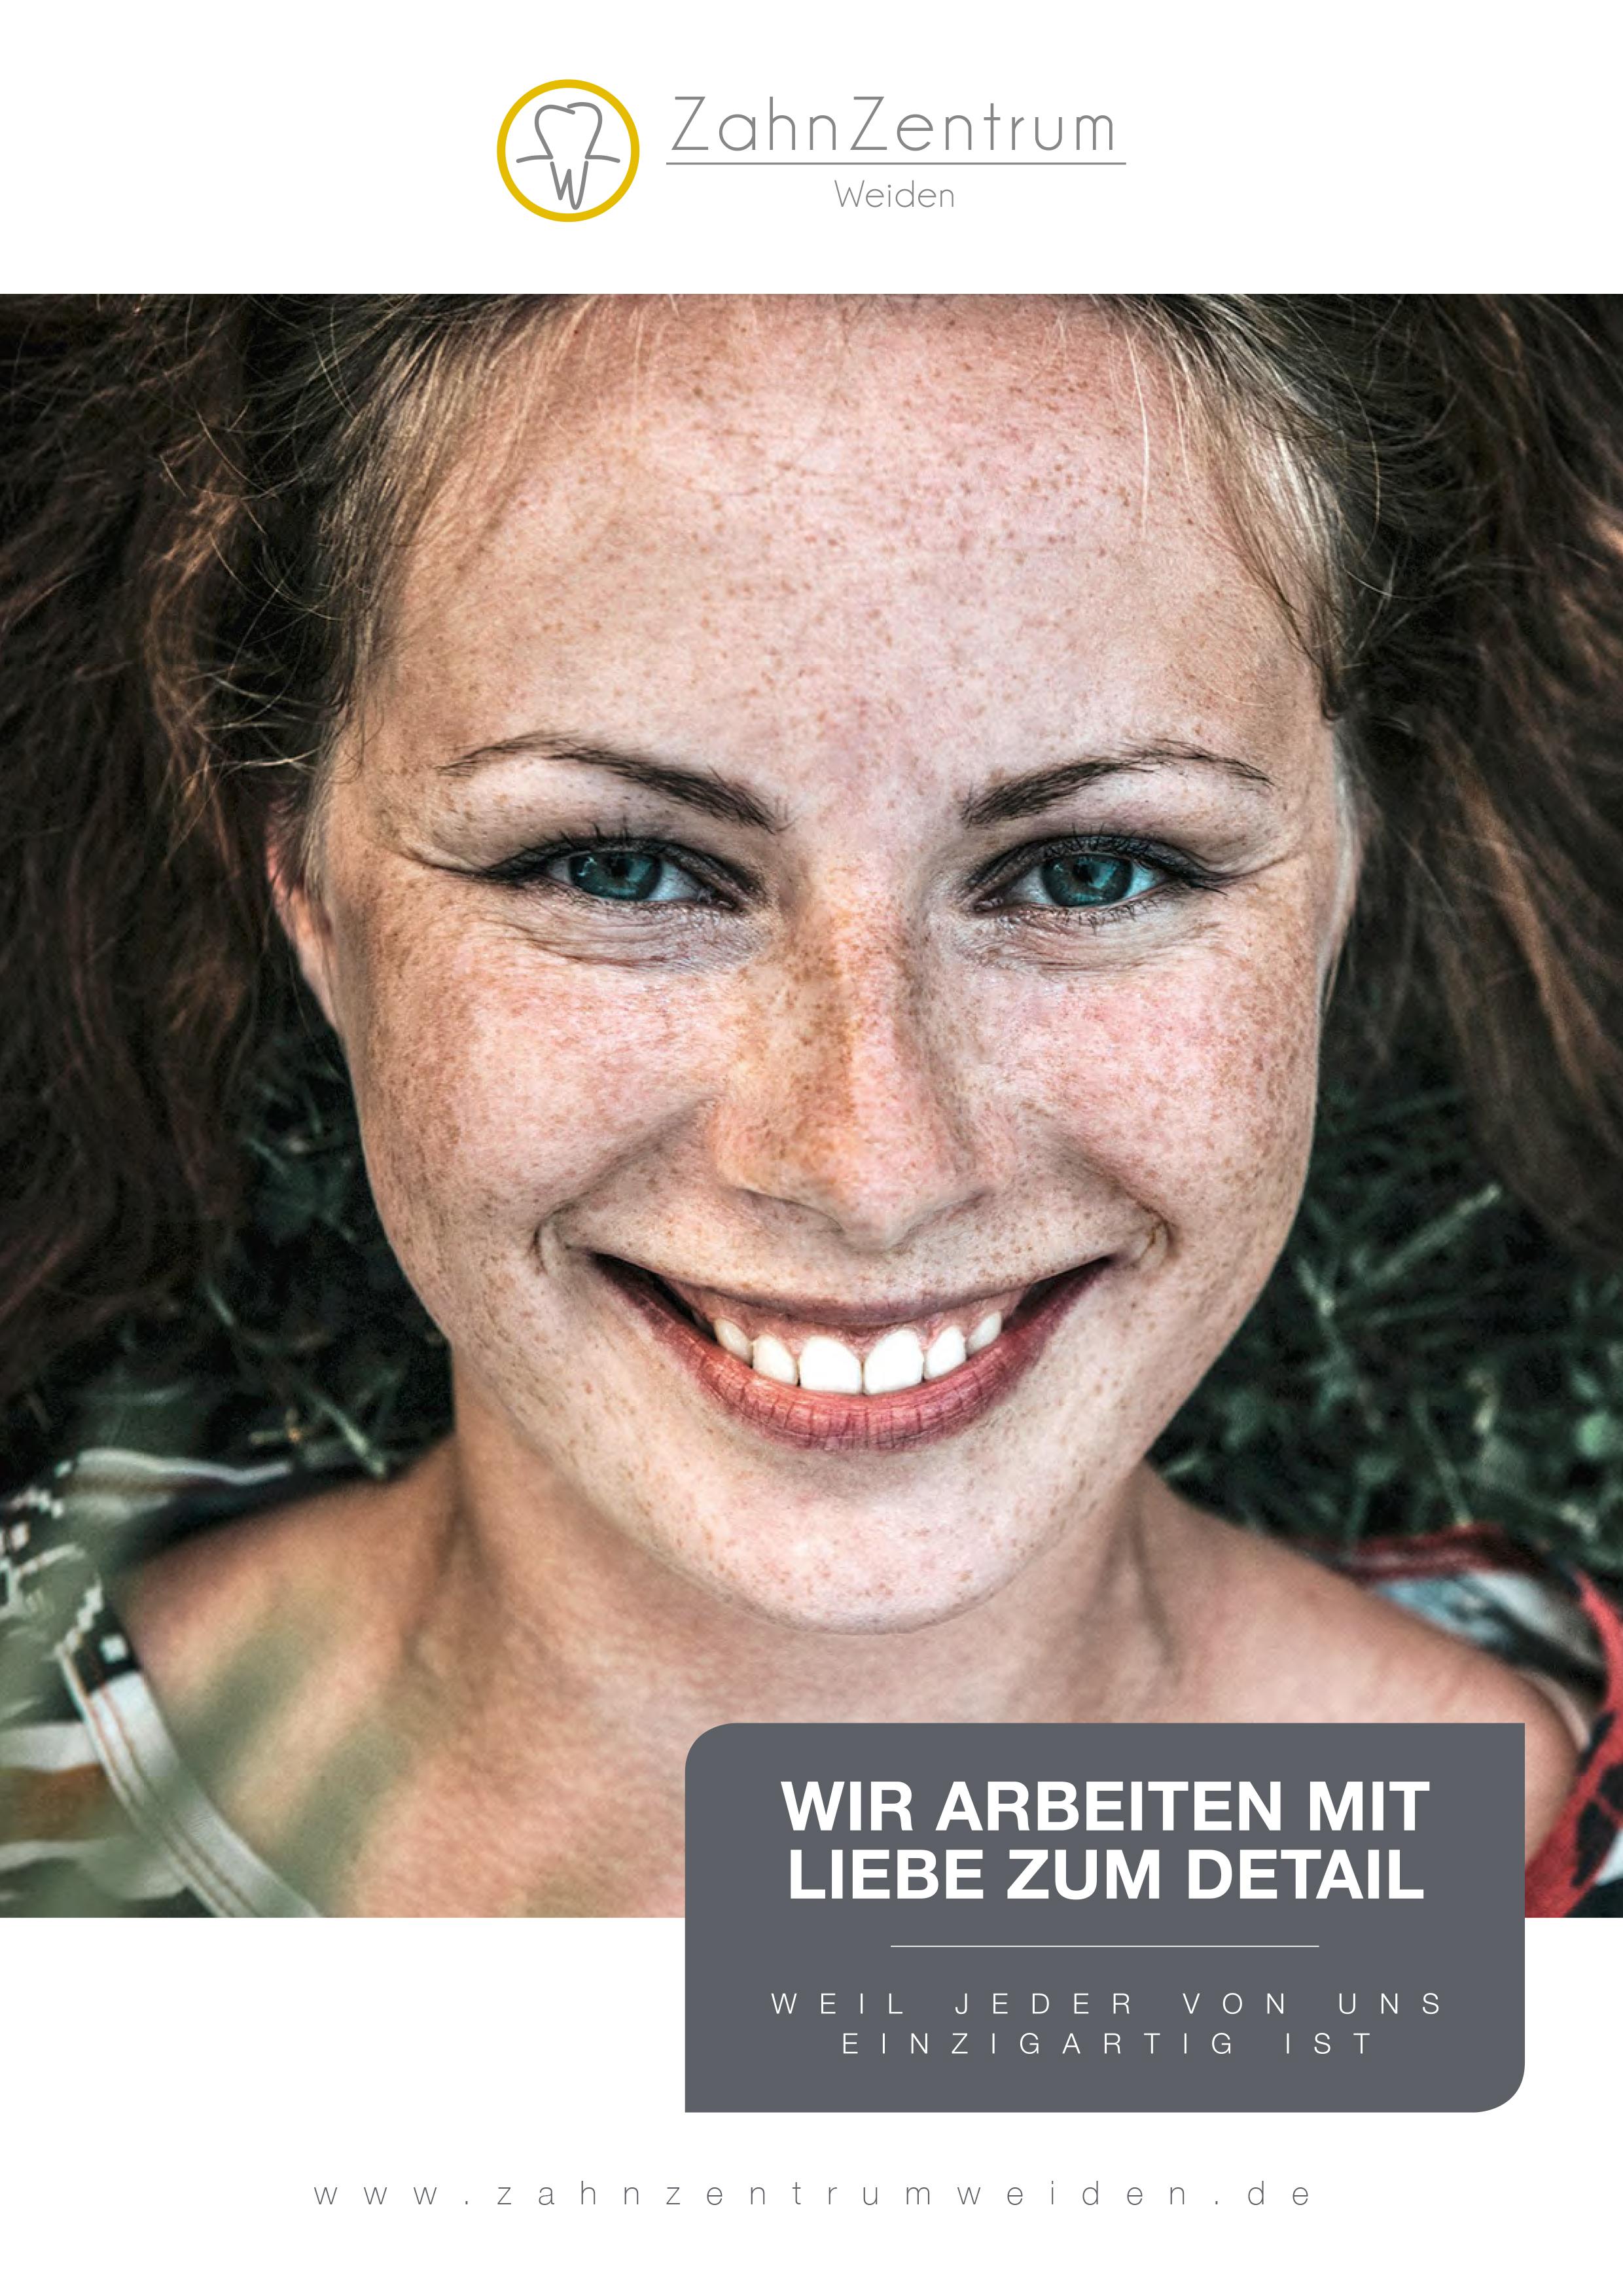 Zahnzentrum-Weiden-Broschuere